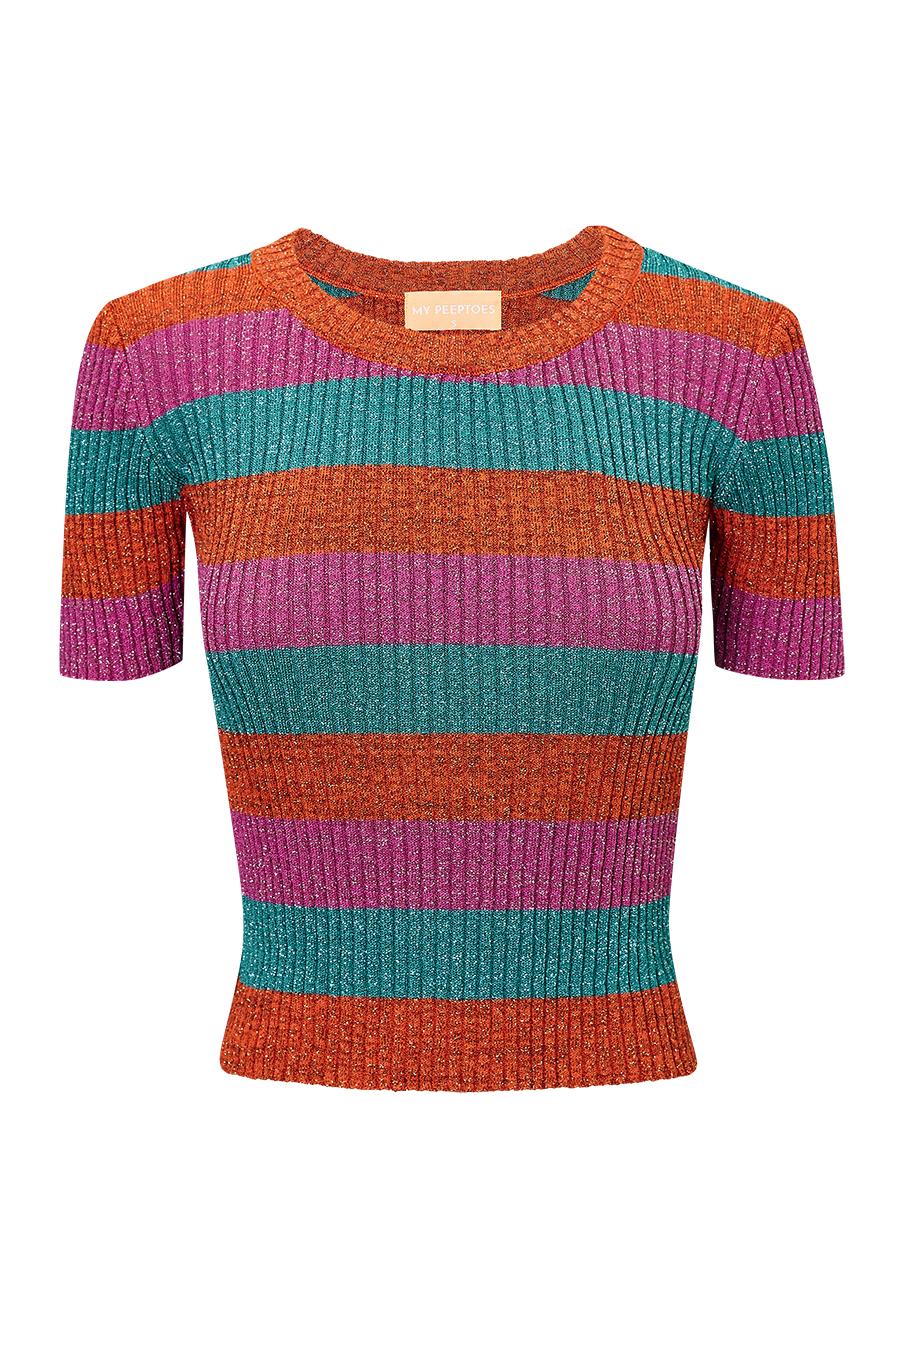 Top Lurex Multicolor - Mypeeptoeshop